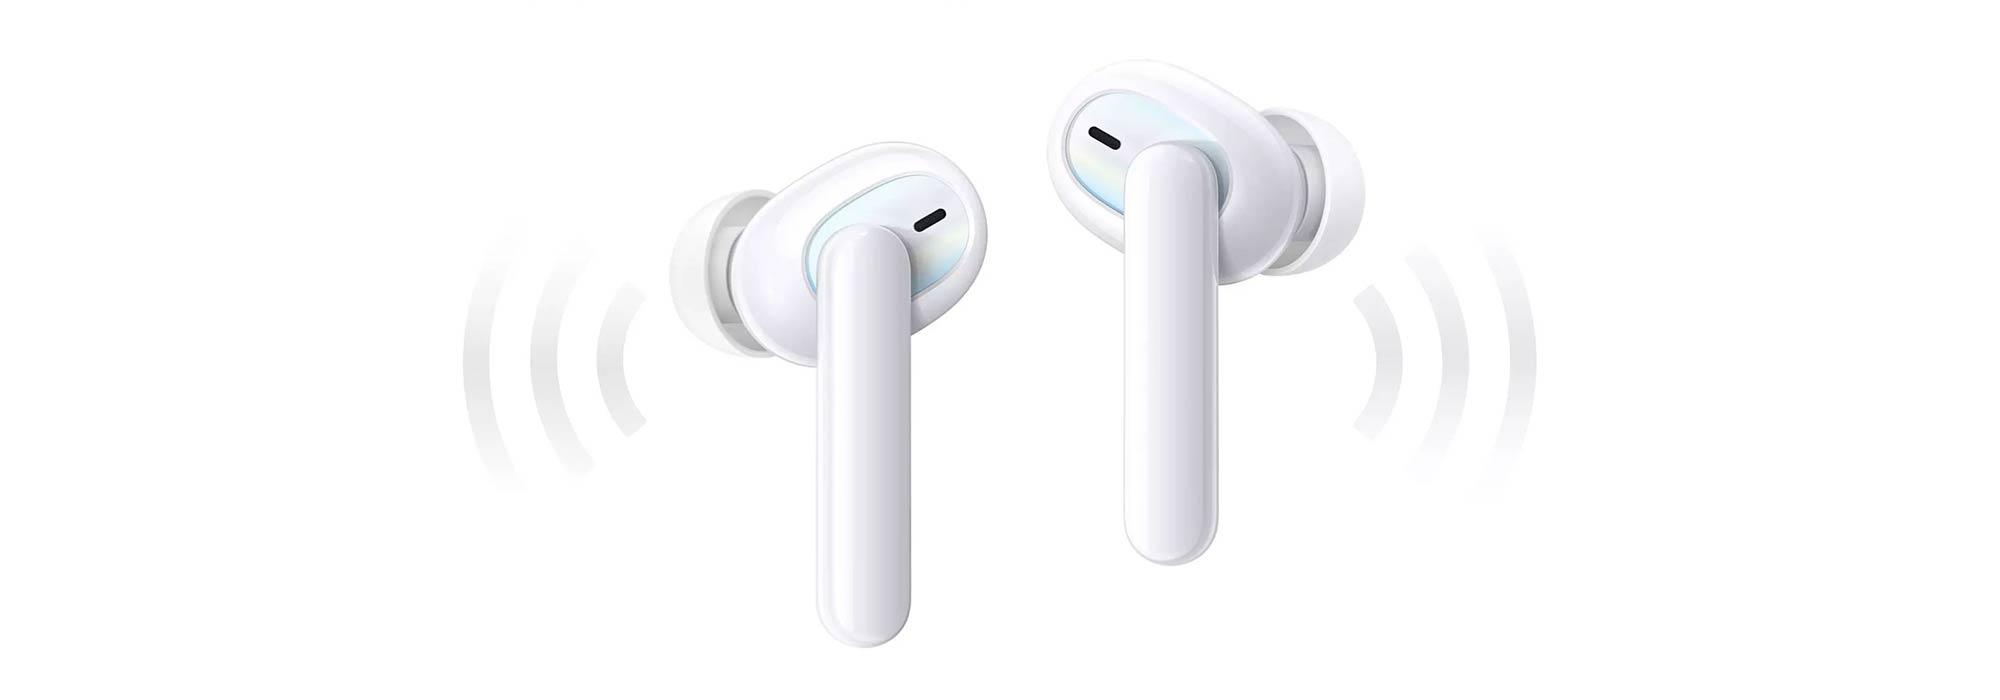 OPPO Enco W51 Bluetooth-Kopfhörer: Test, Einschätzung & mehr